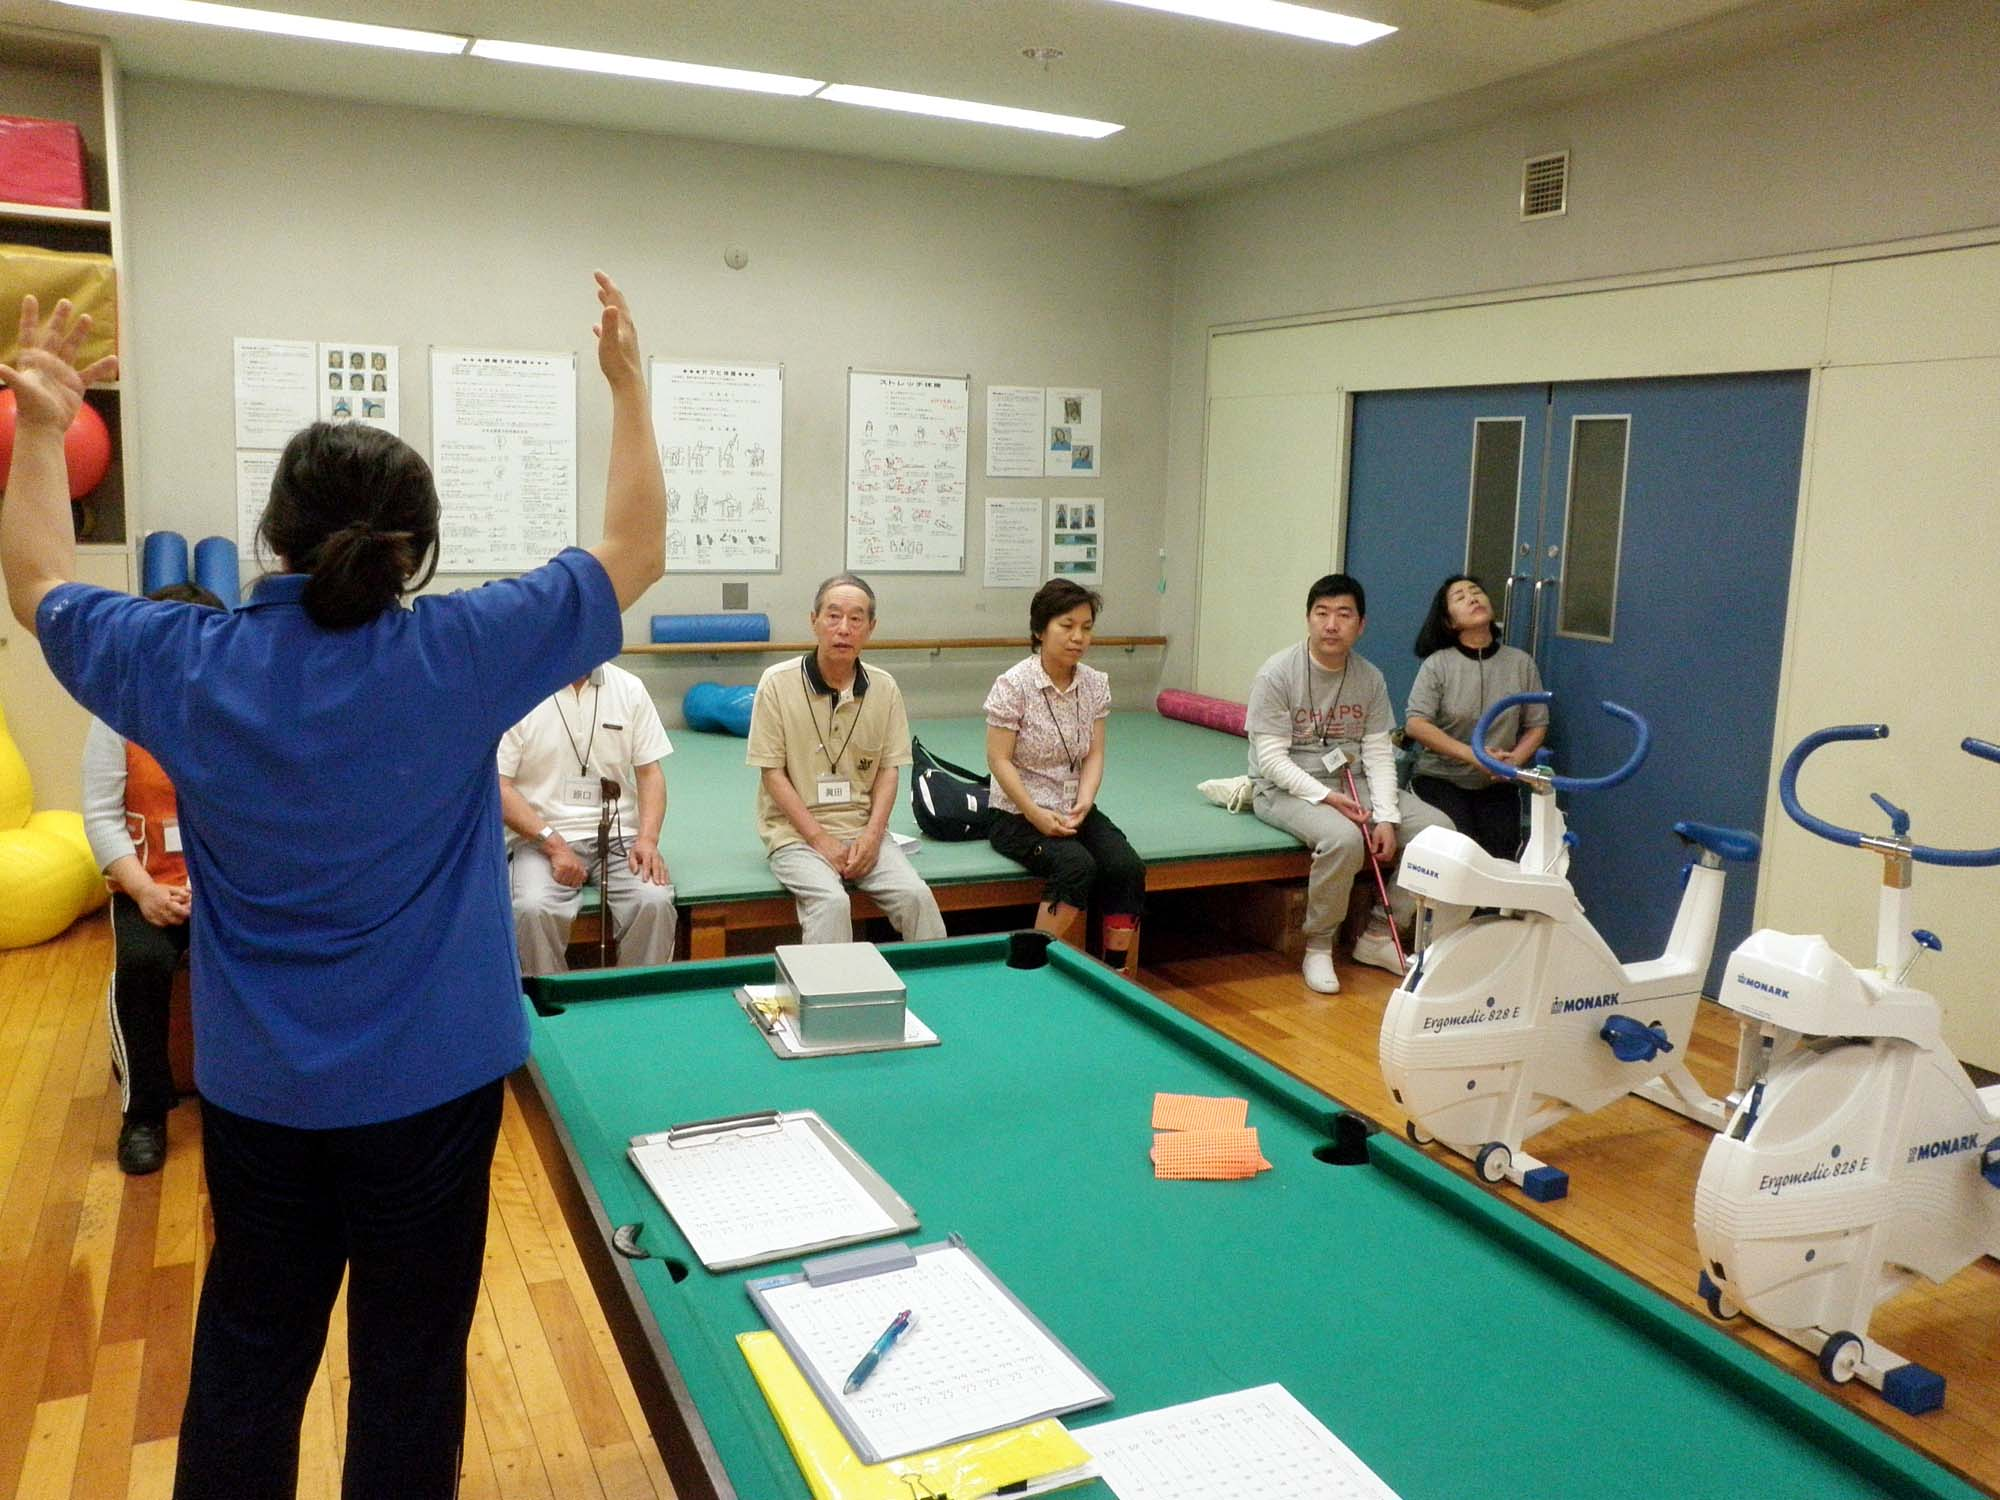 P6090145 - 脳血管障害者のトレーニング教室より ・・・脳血管障害者を対象とした教室です。